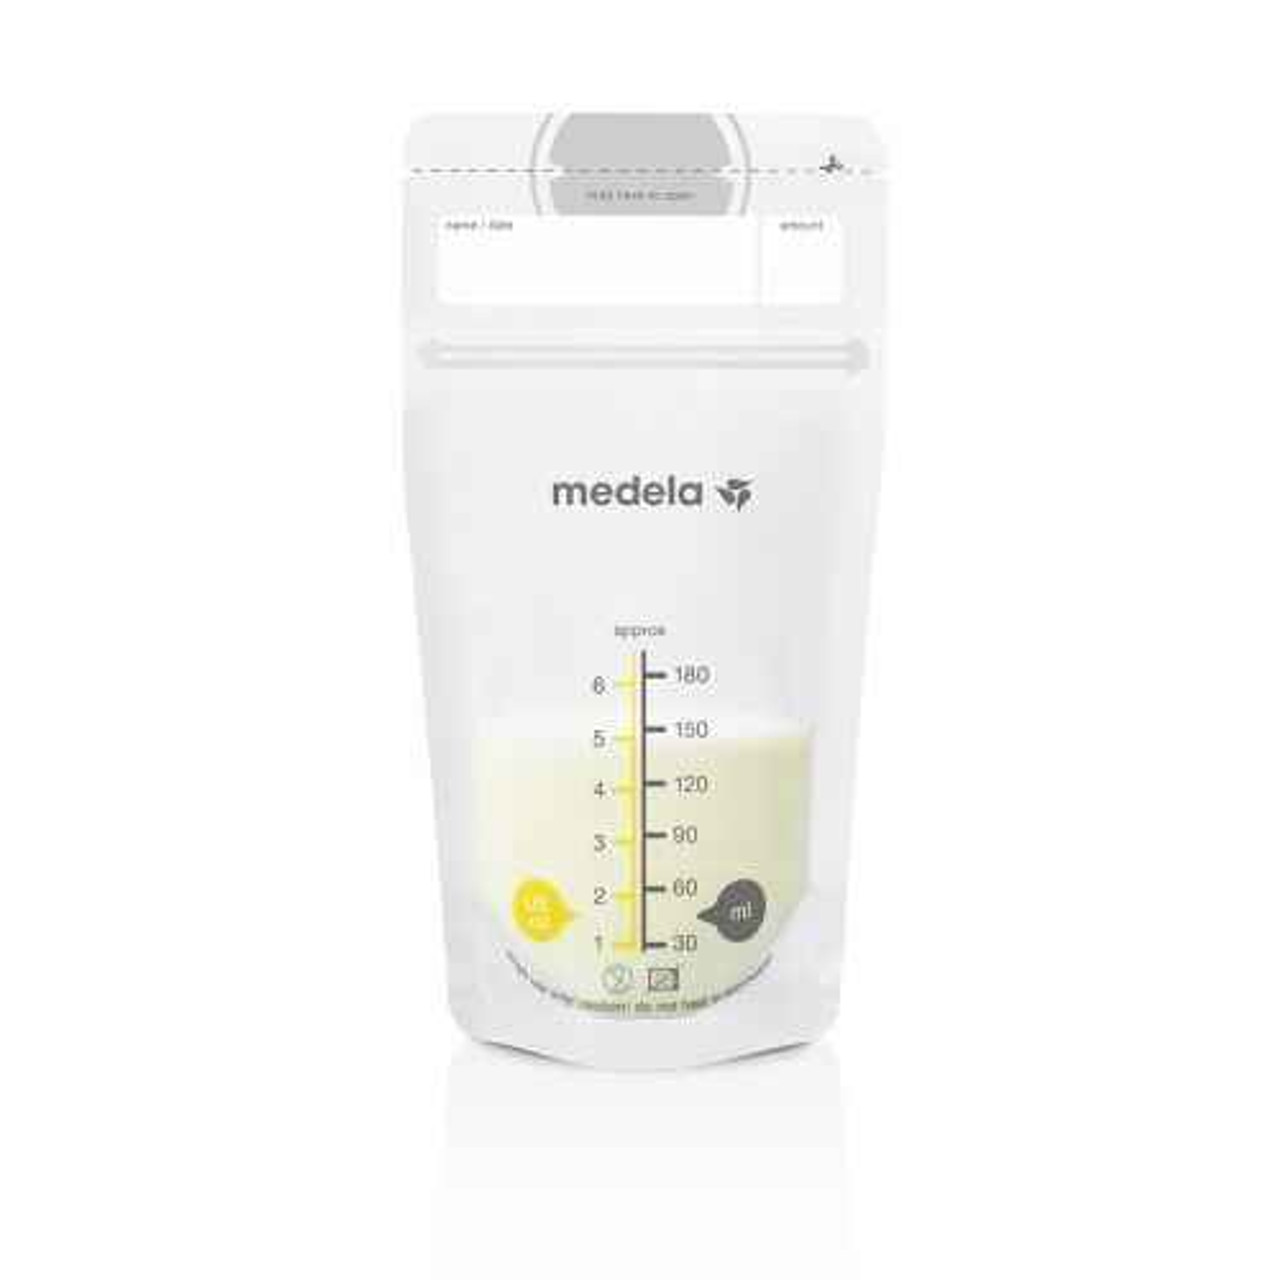 Medela Medela Breastmilk Storage Bags 25pk